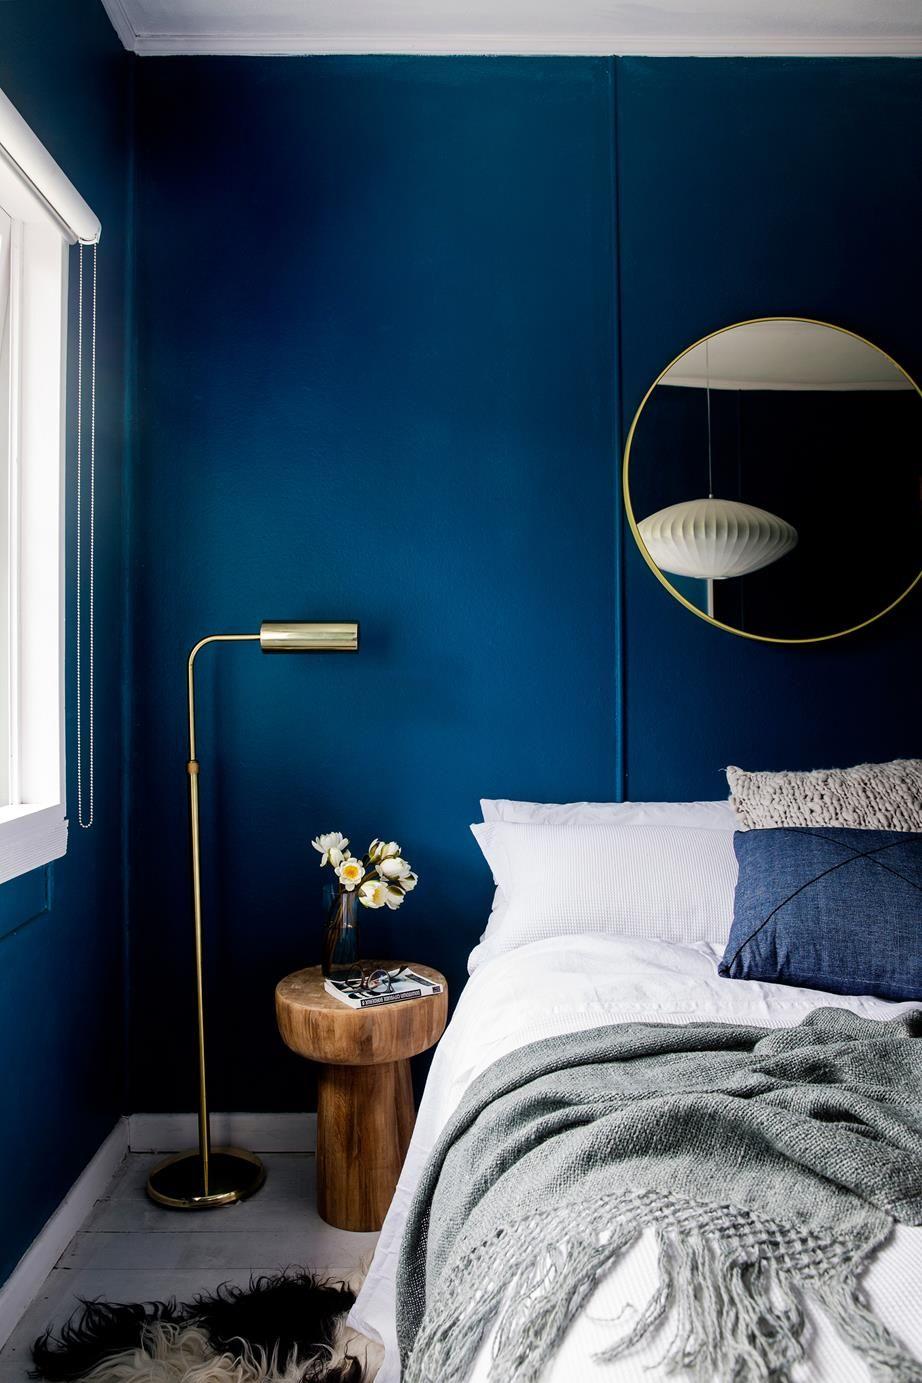 5x Sfeervolle Slaapkamers Met Donkere Muren Blue Bedroom Decor Blue And Gold Bedroom Blue Bedroom Walls Bedroom decorating ideas blue